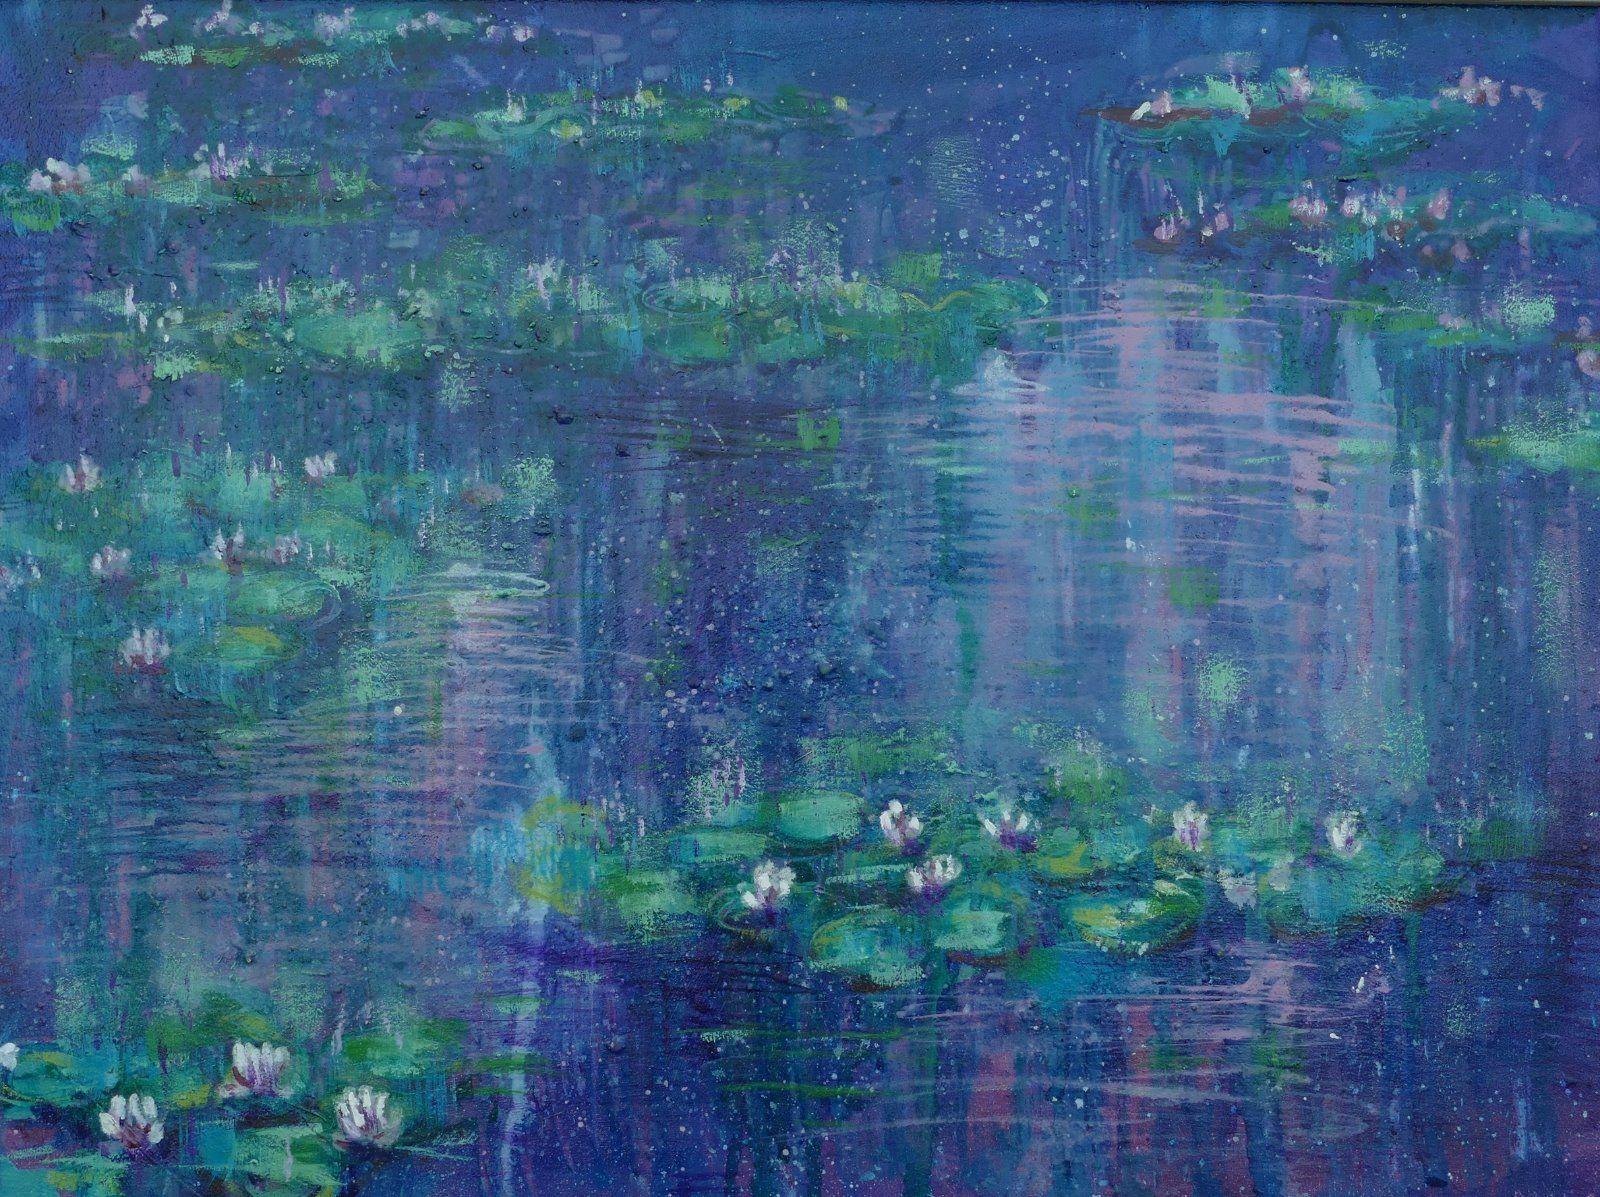 violet pink liliy pond